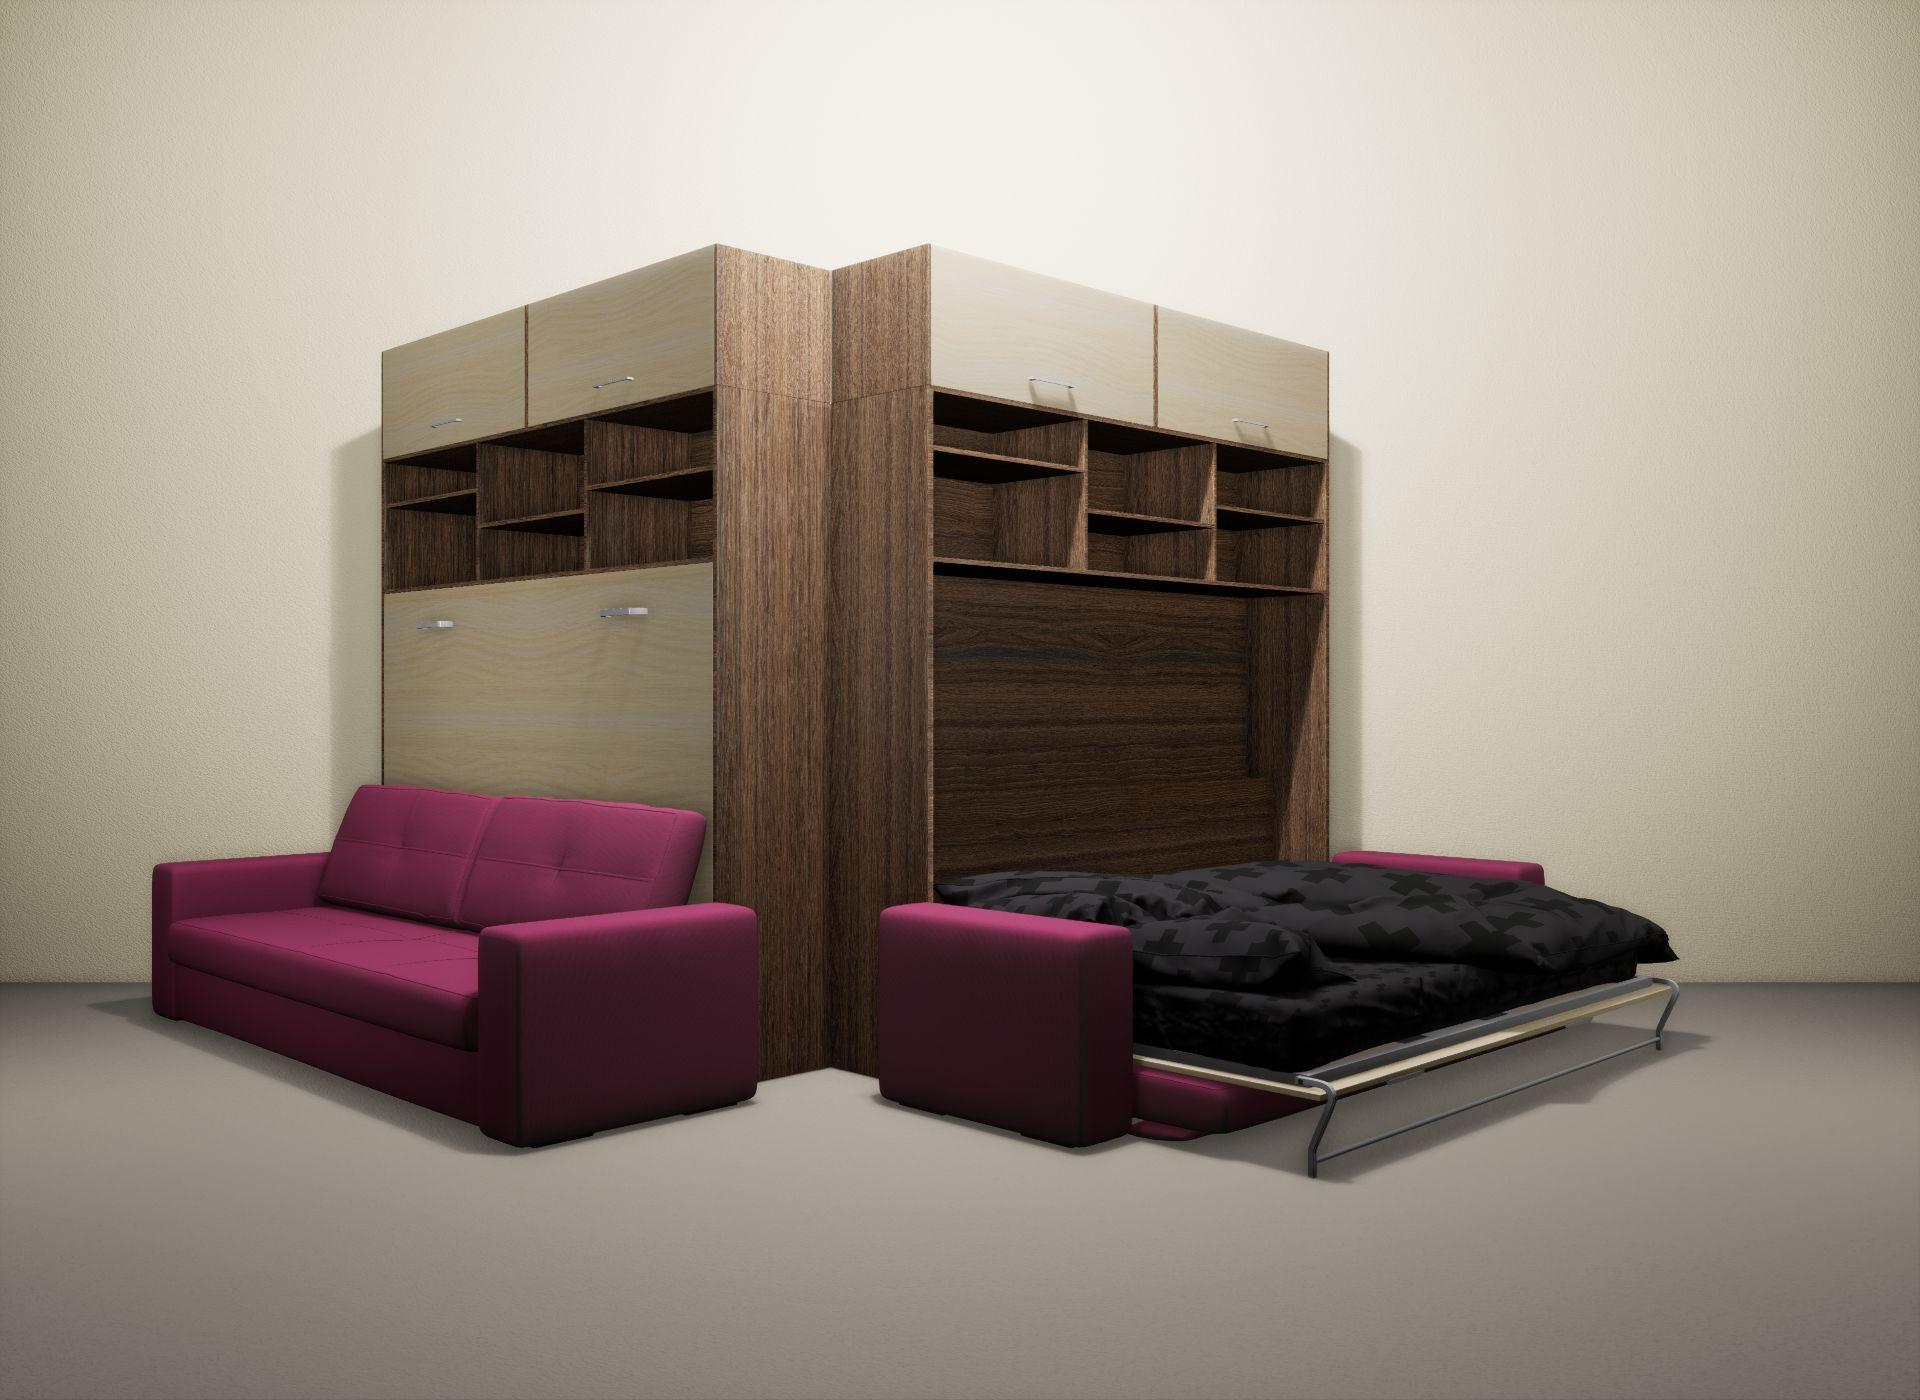 Шкаф-кровать SMART HOME Бетта шамони/молочный дуб